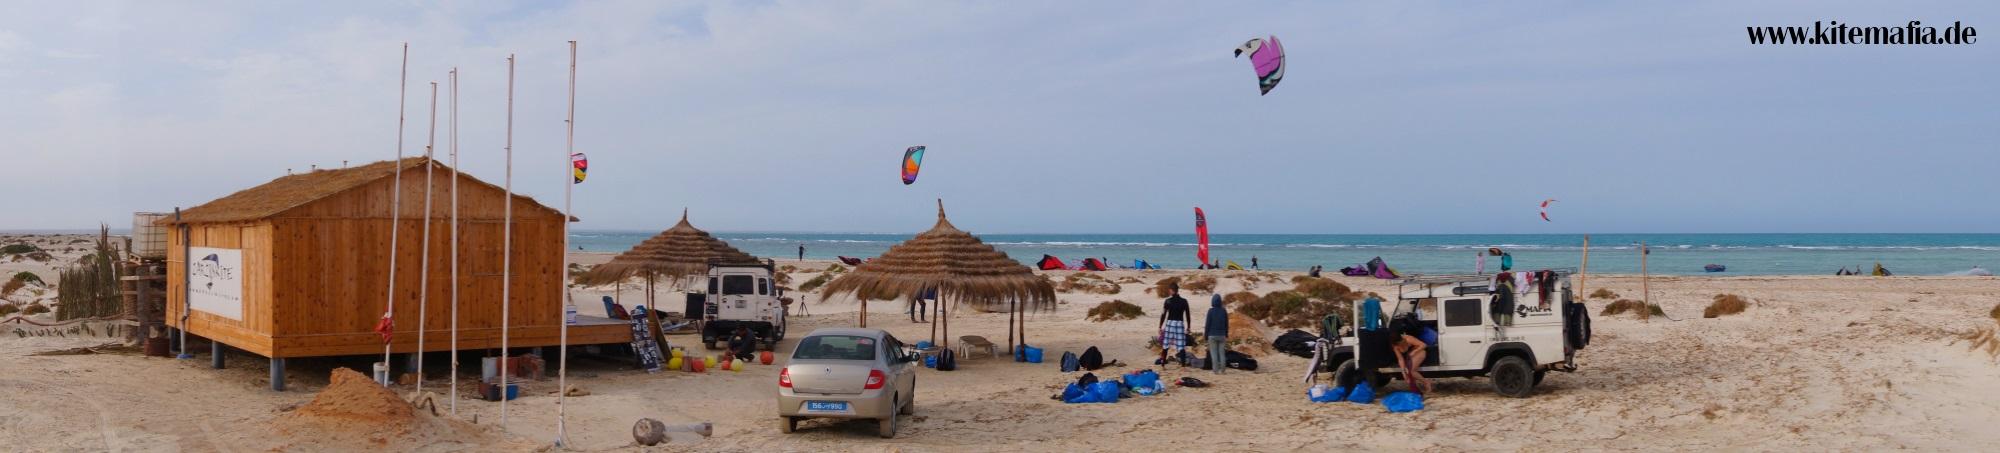 kitesurfen Djerba Tunesien Kitereisen (17)